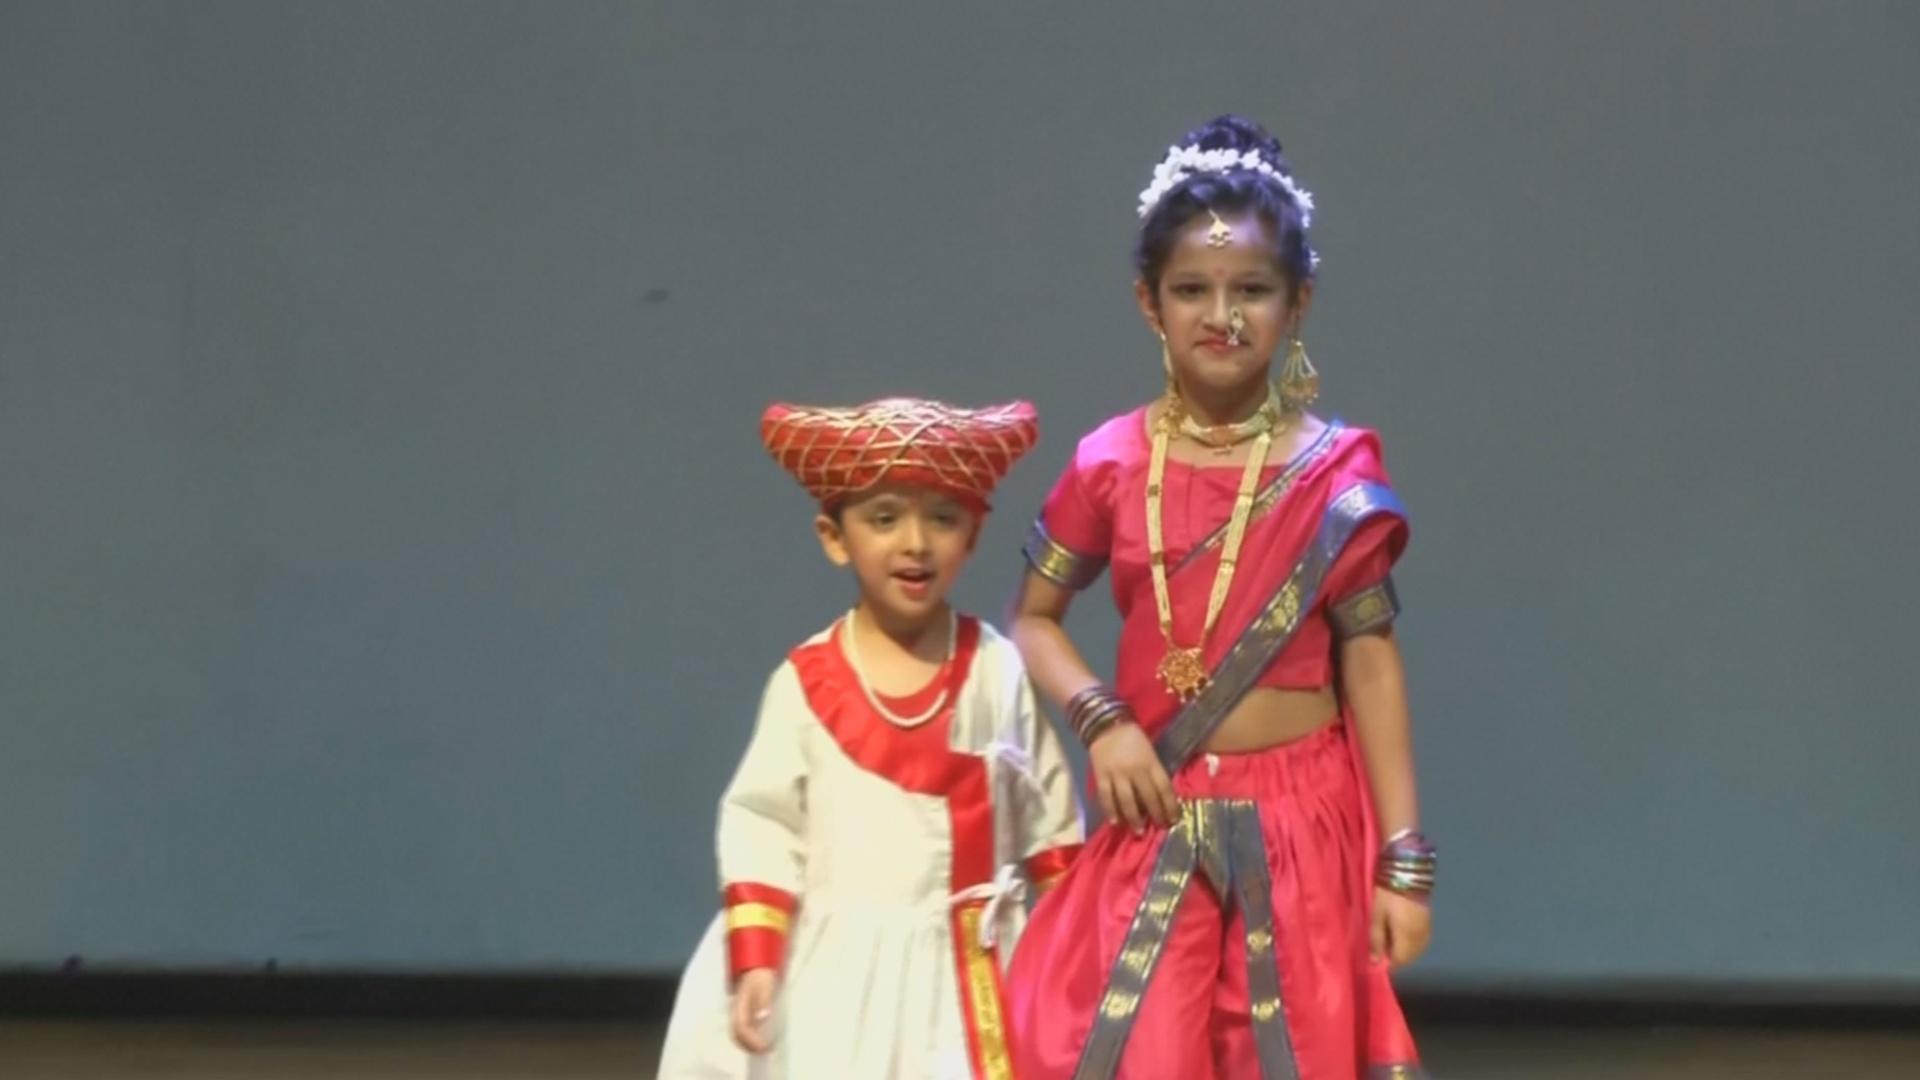 Детский показ мод: юные индийцы вышли на подиум в традиционных нарядах